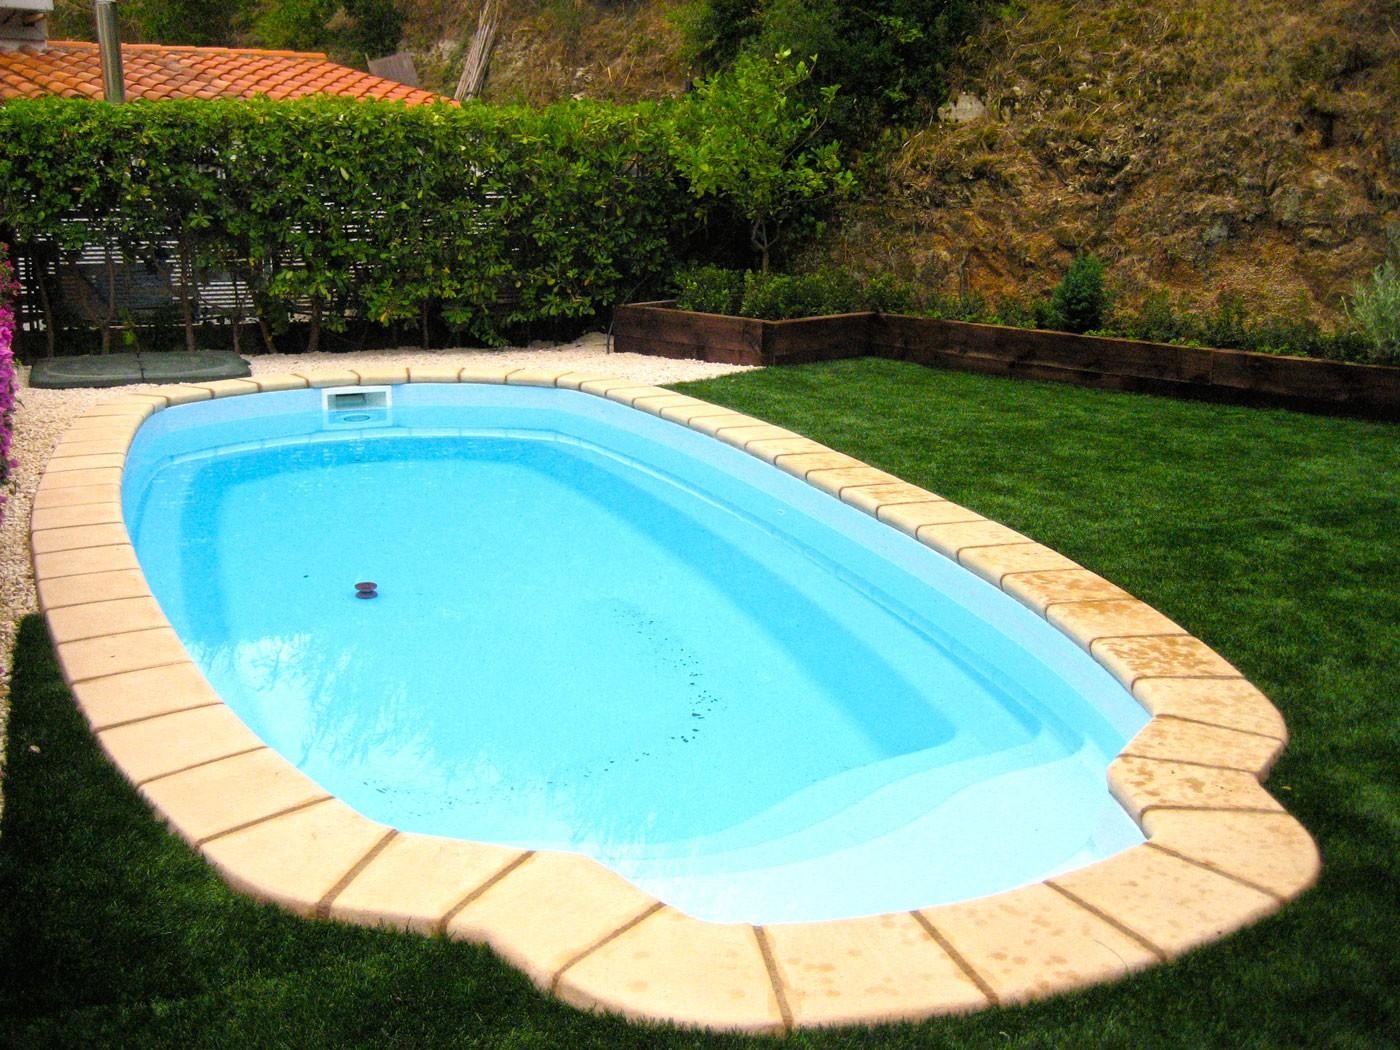 Presupuesto piscinas de obra construccin piscinas de obra with presupuesto piscinas de obra - Piscina arabial granada precios ...